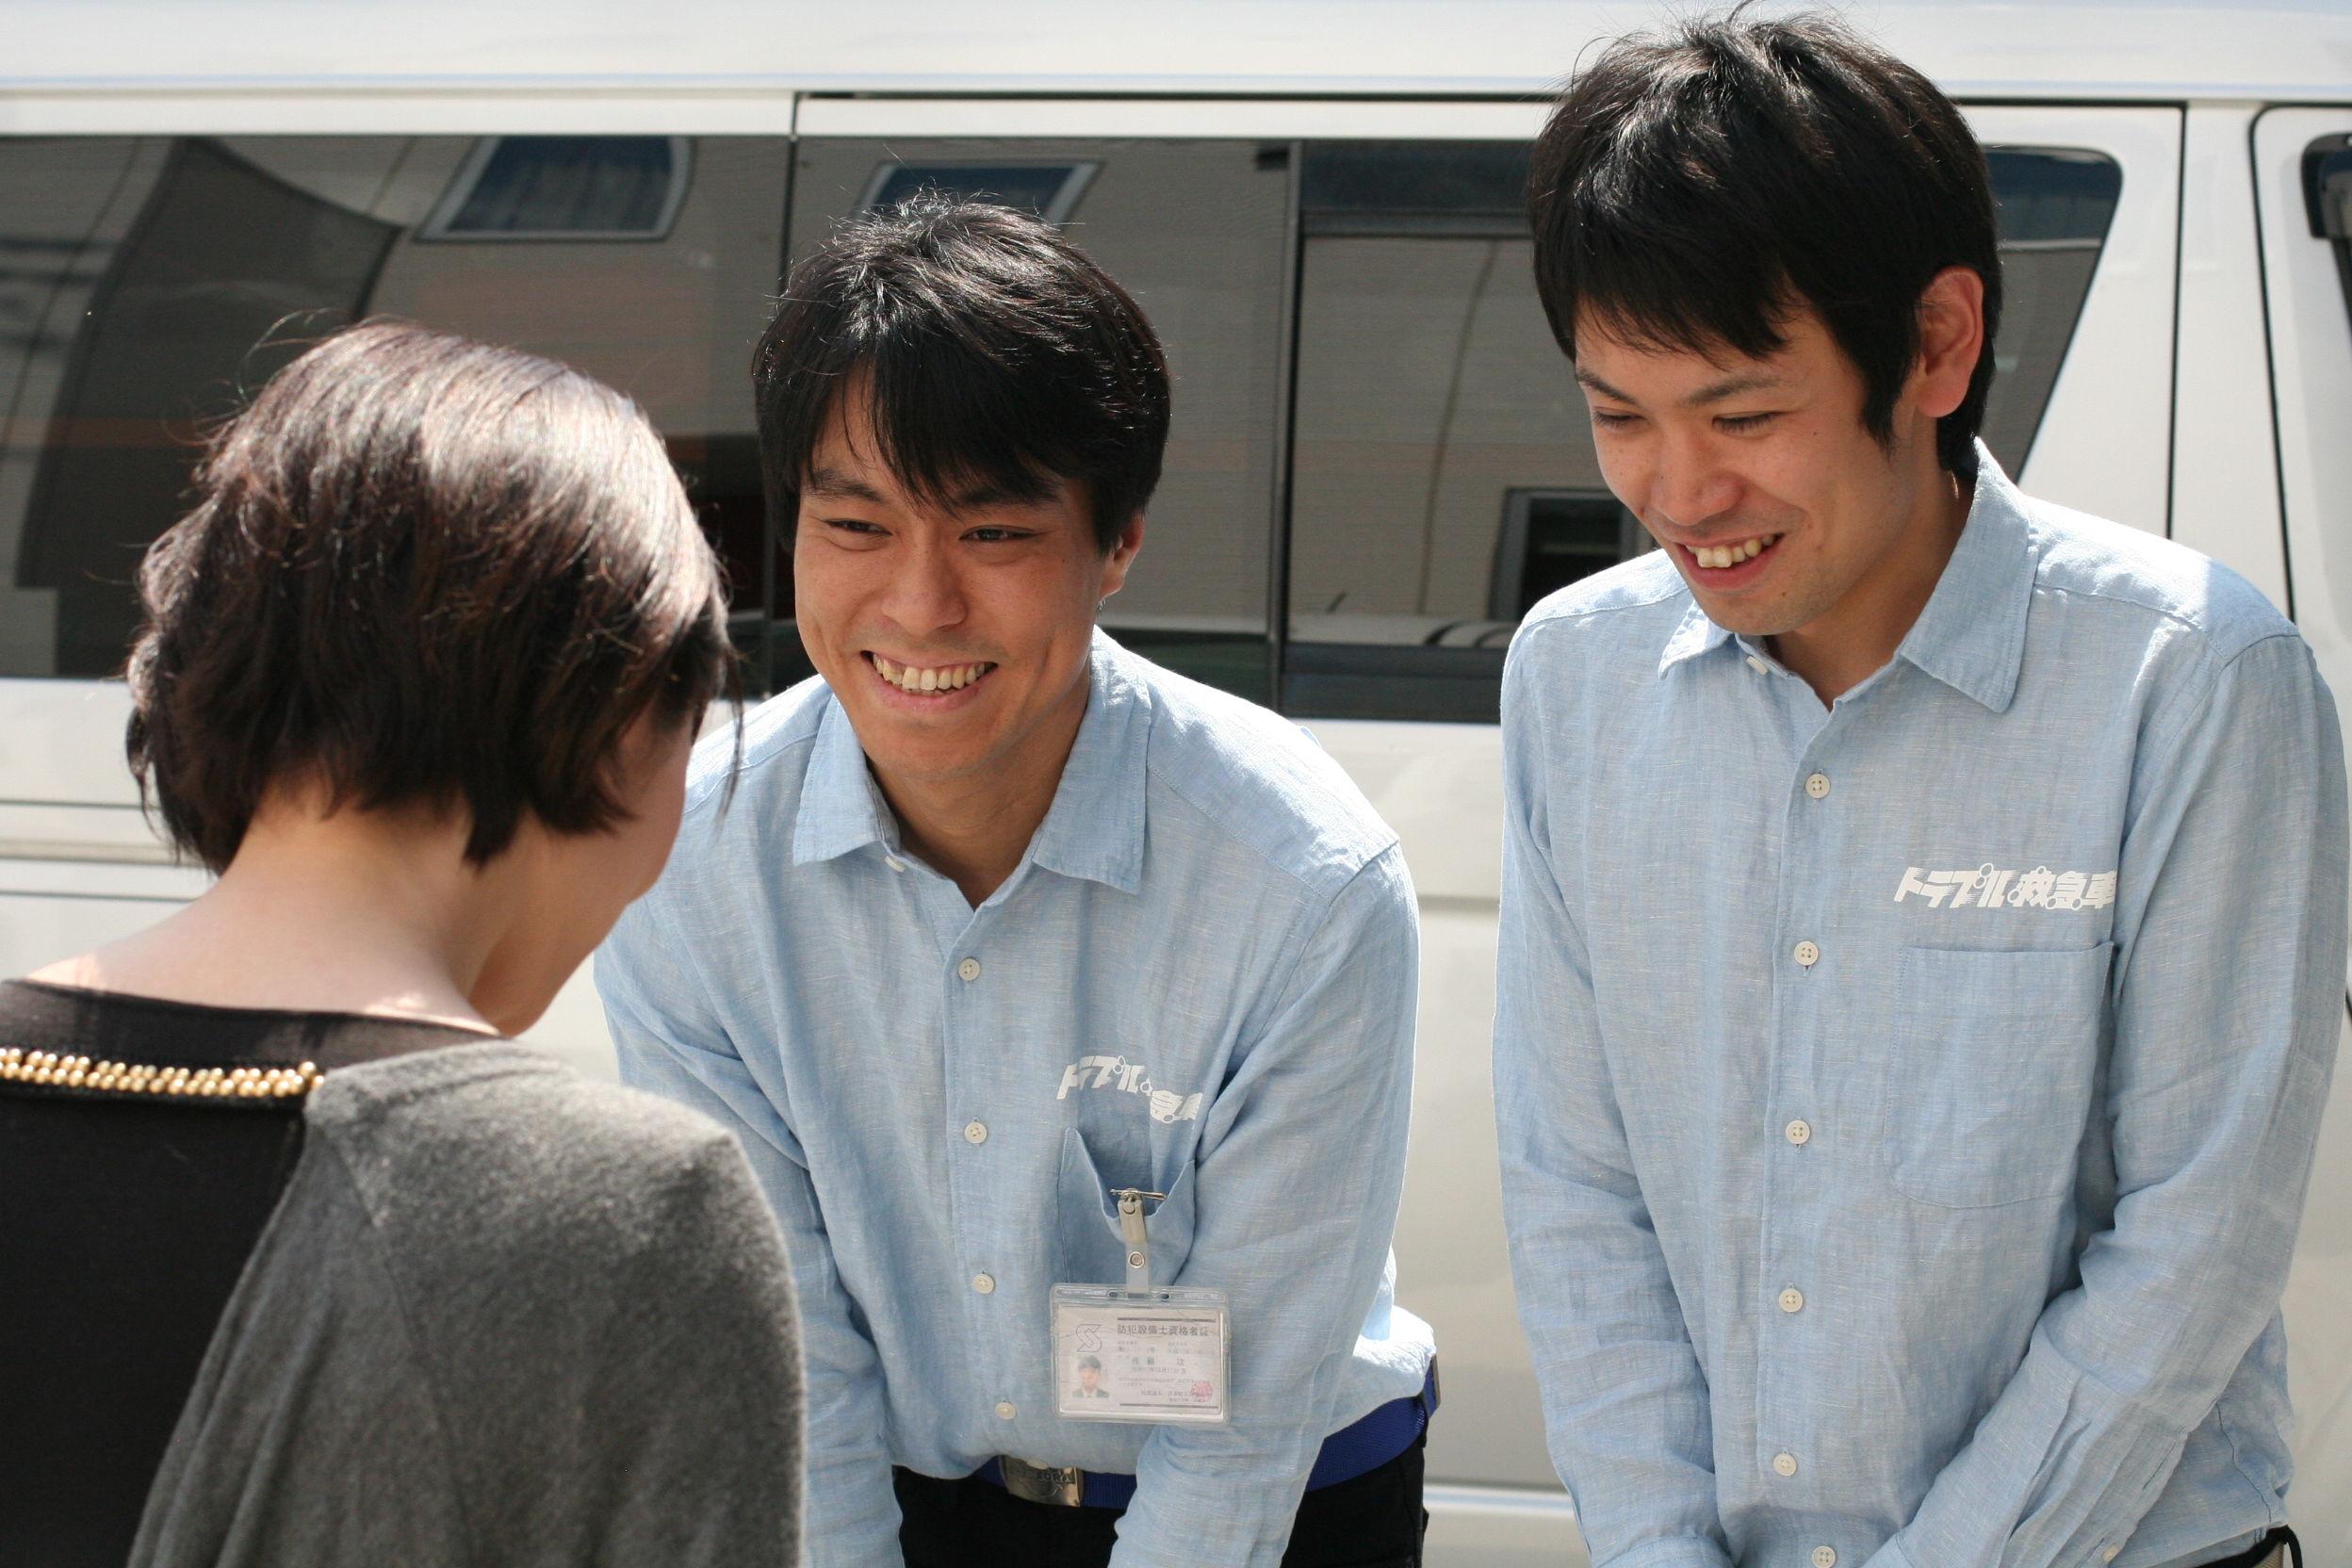 カギのトラブル救急車【東近江市 出張エリア】のアピールポイント1